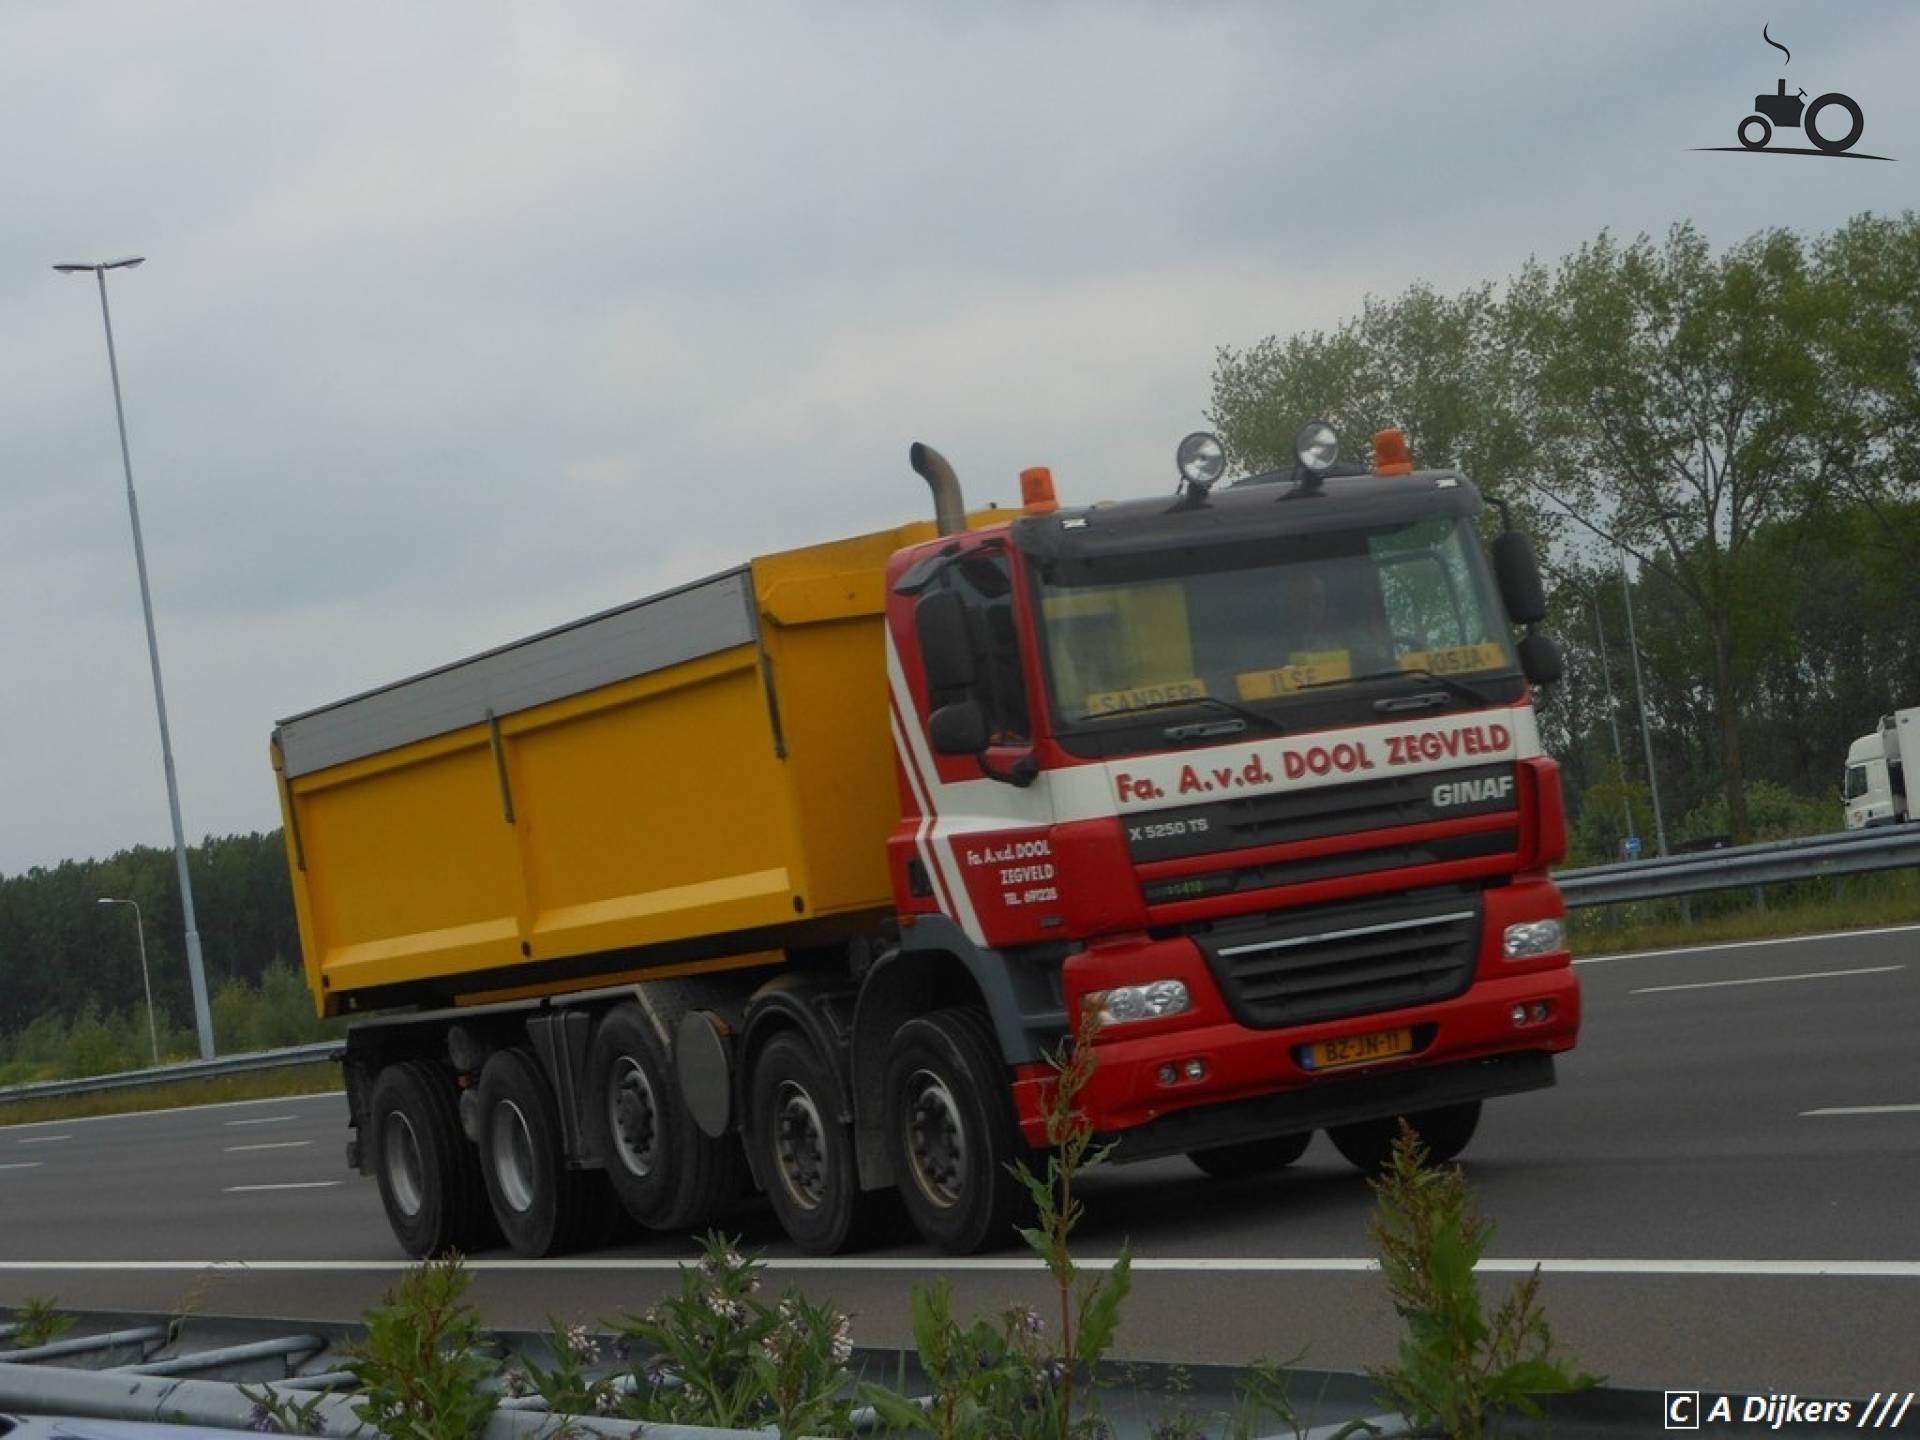 GINAF X5250-TS